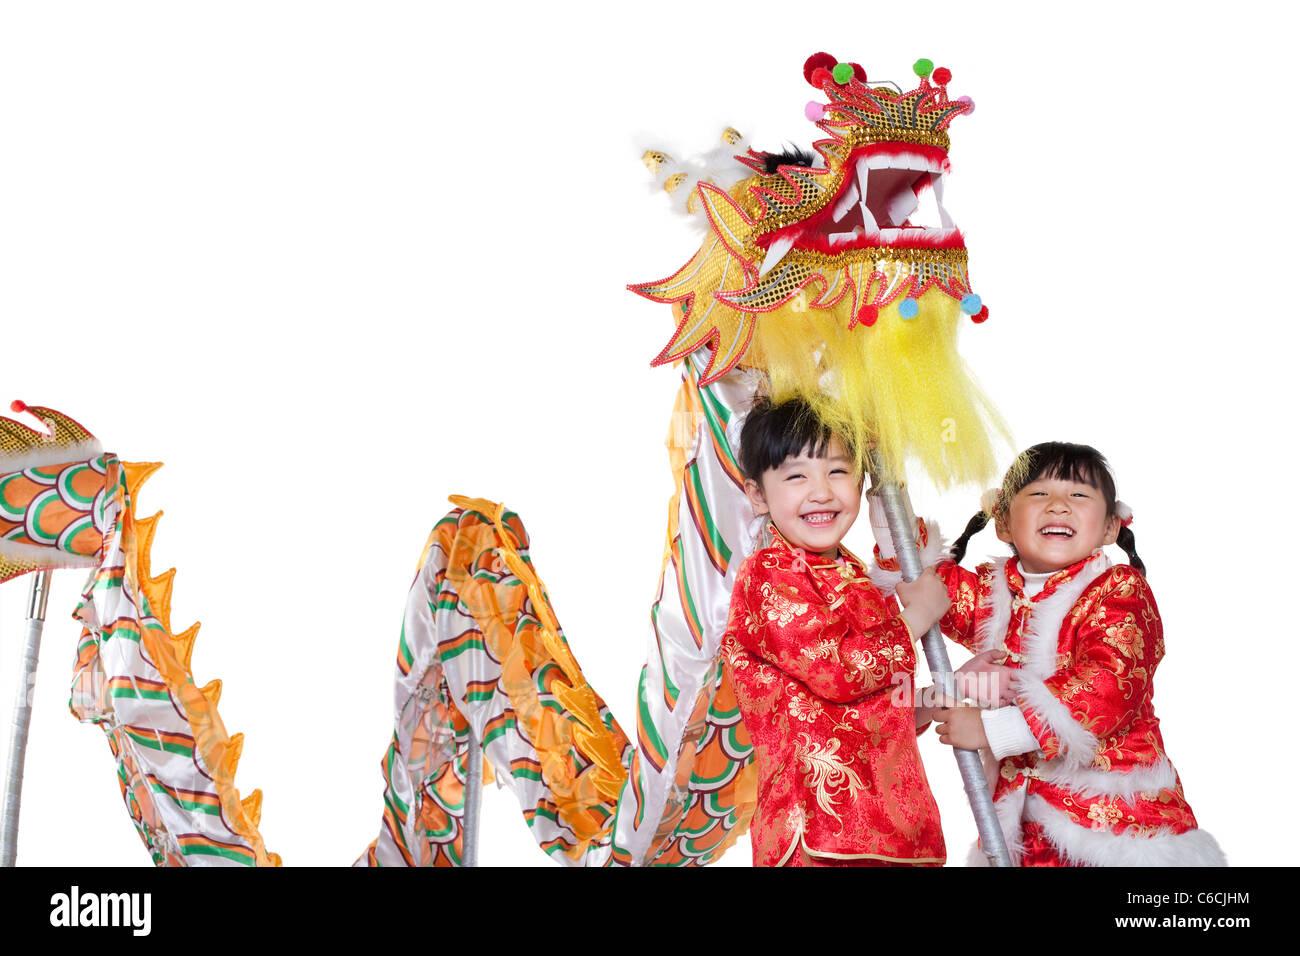 Chinese Dragon Children Stock Photos & Chinese Dragon Children Stock ...